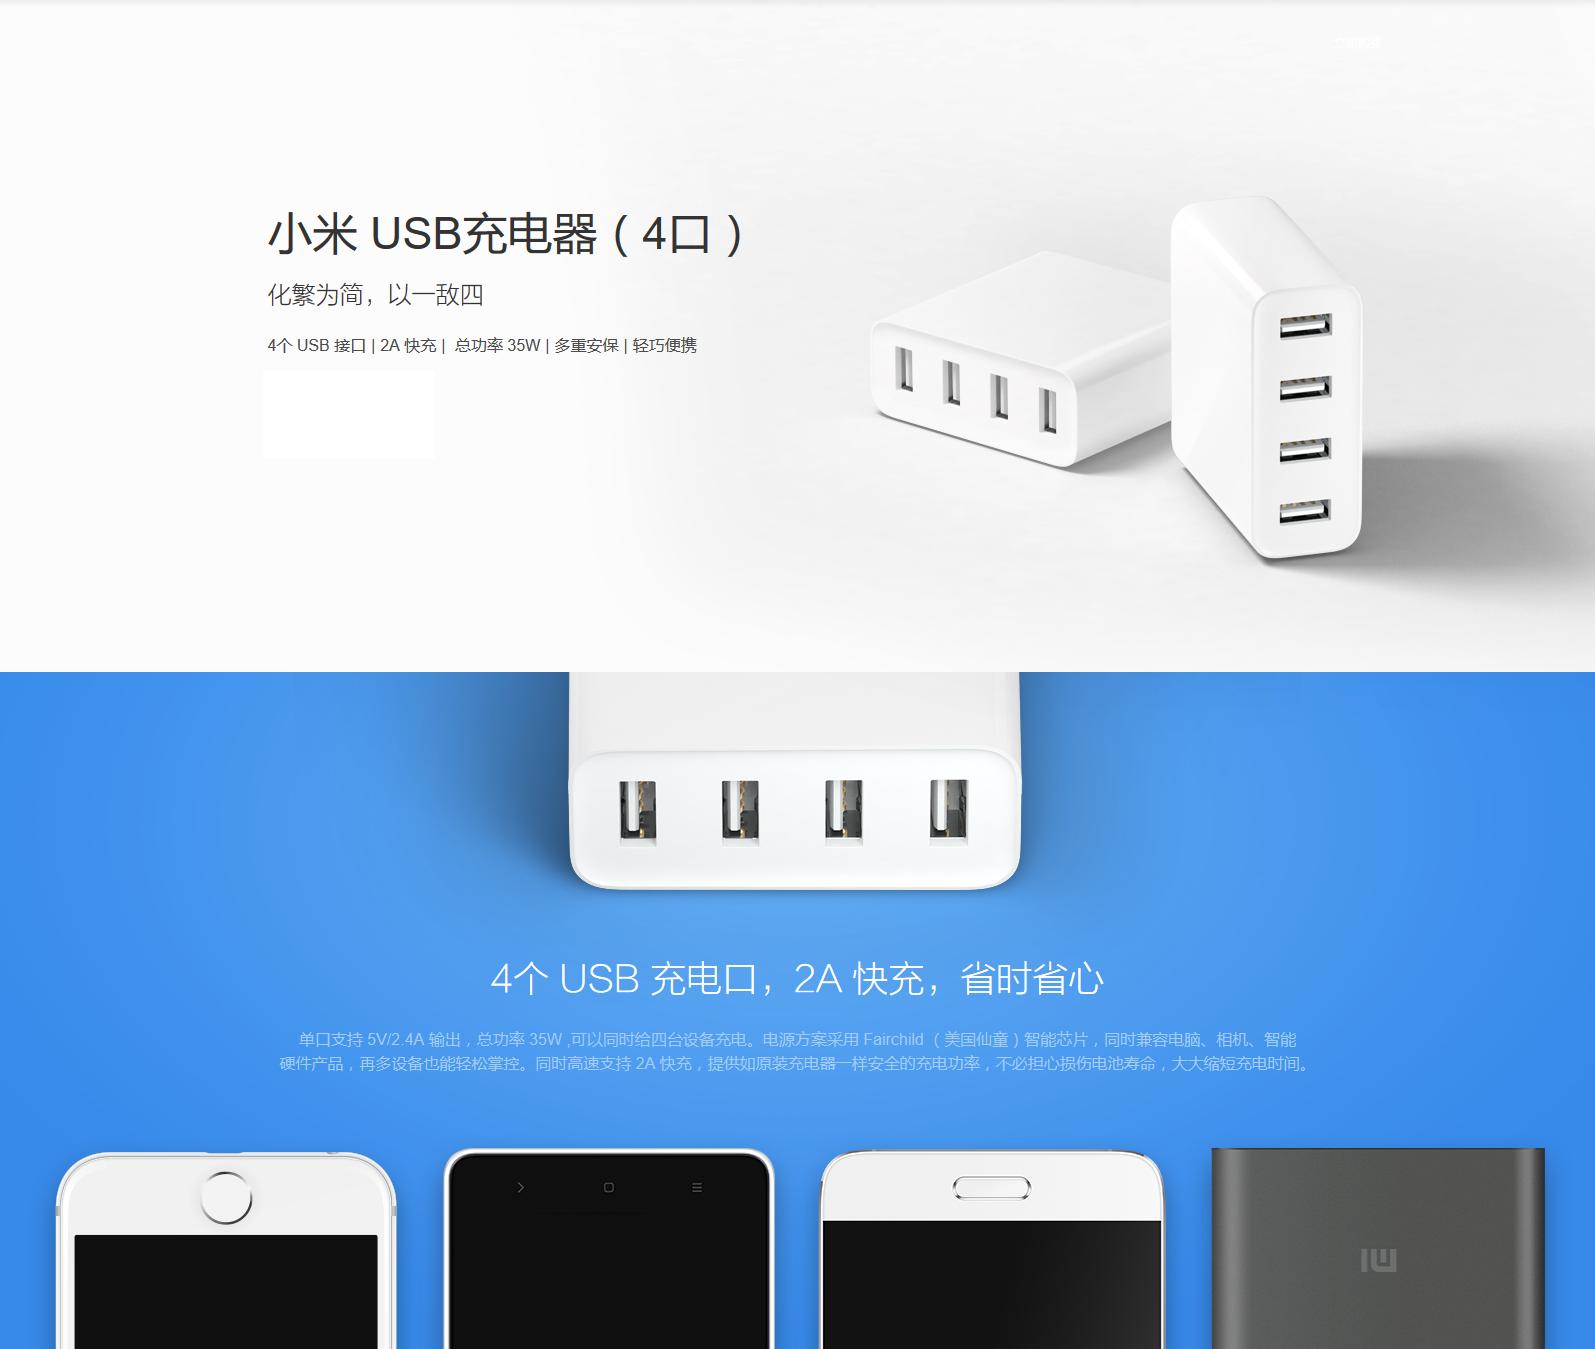 小米usb充电器(4口) 白色